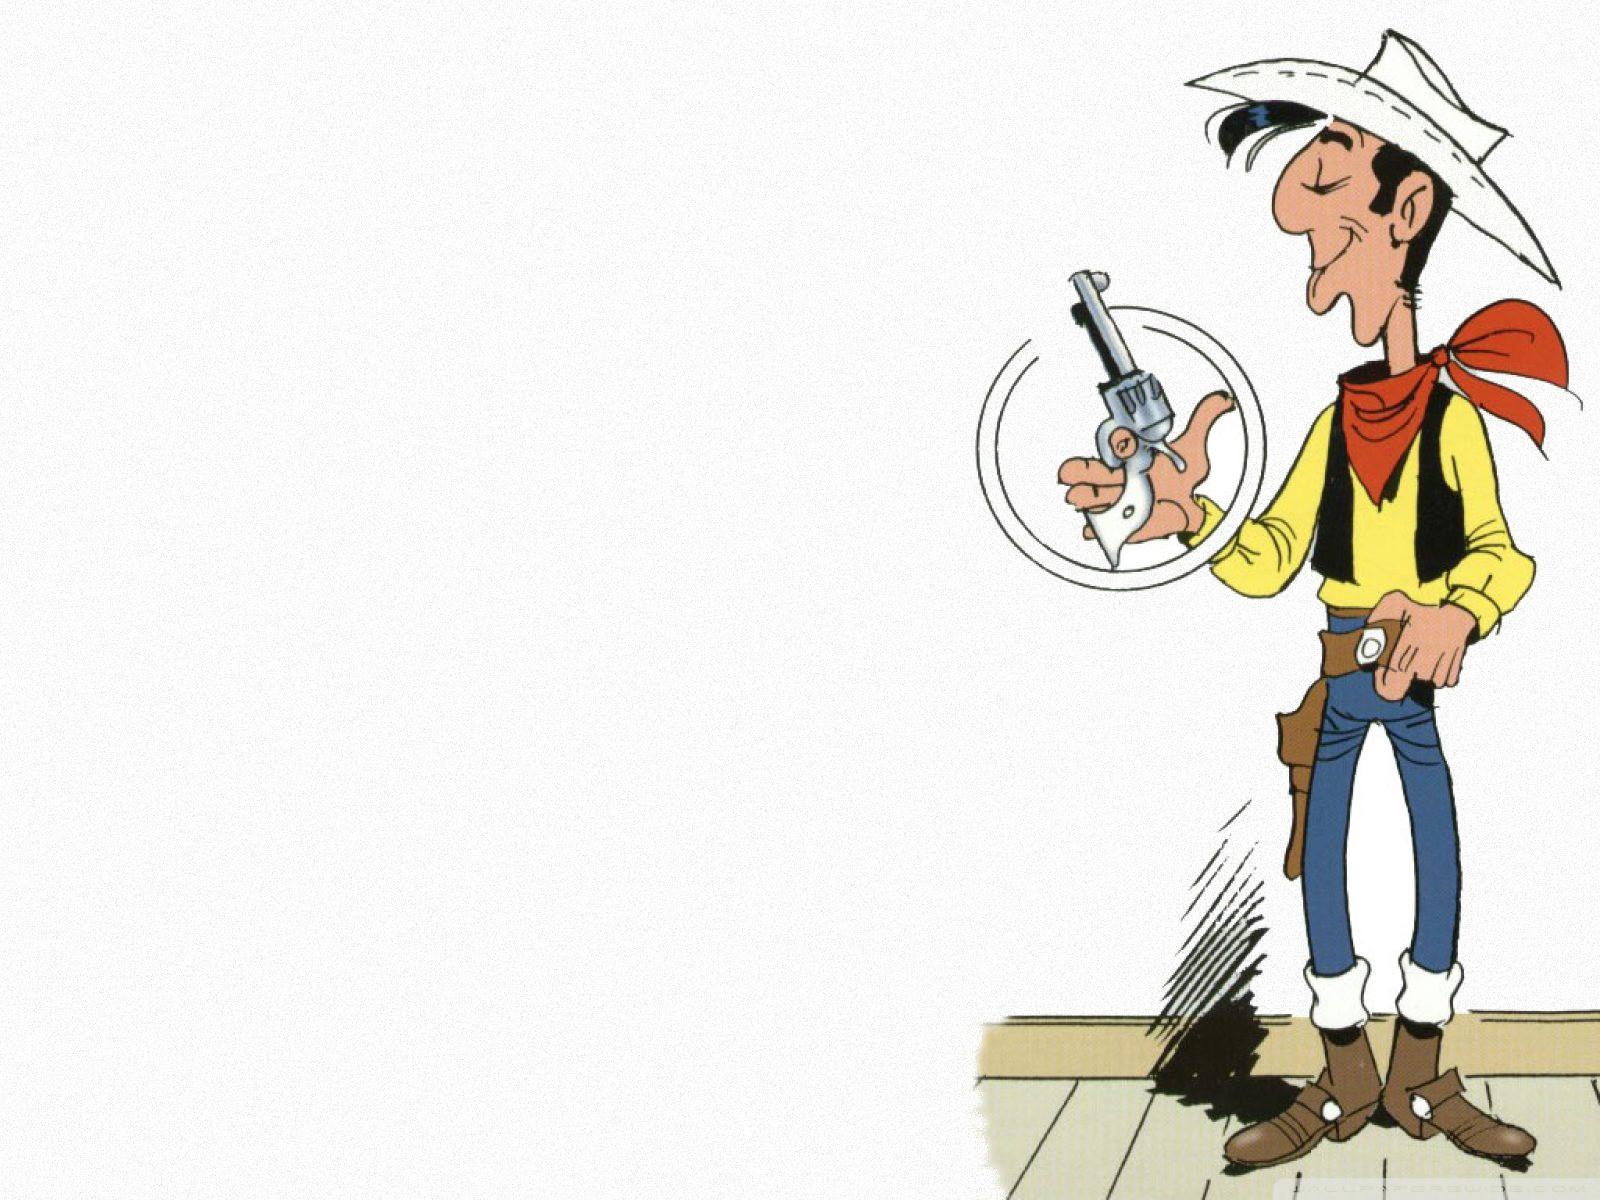 lucky luke wallpaper,cartoon,illustration,art,clip art,fictional character